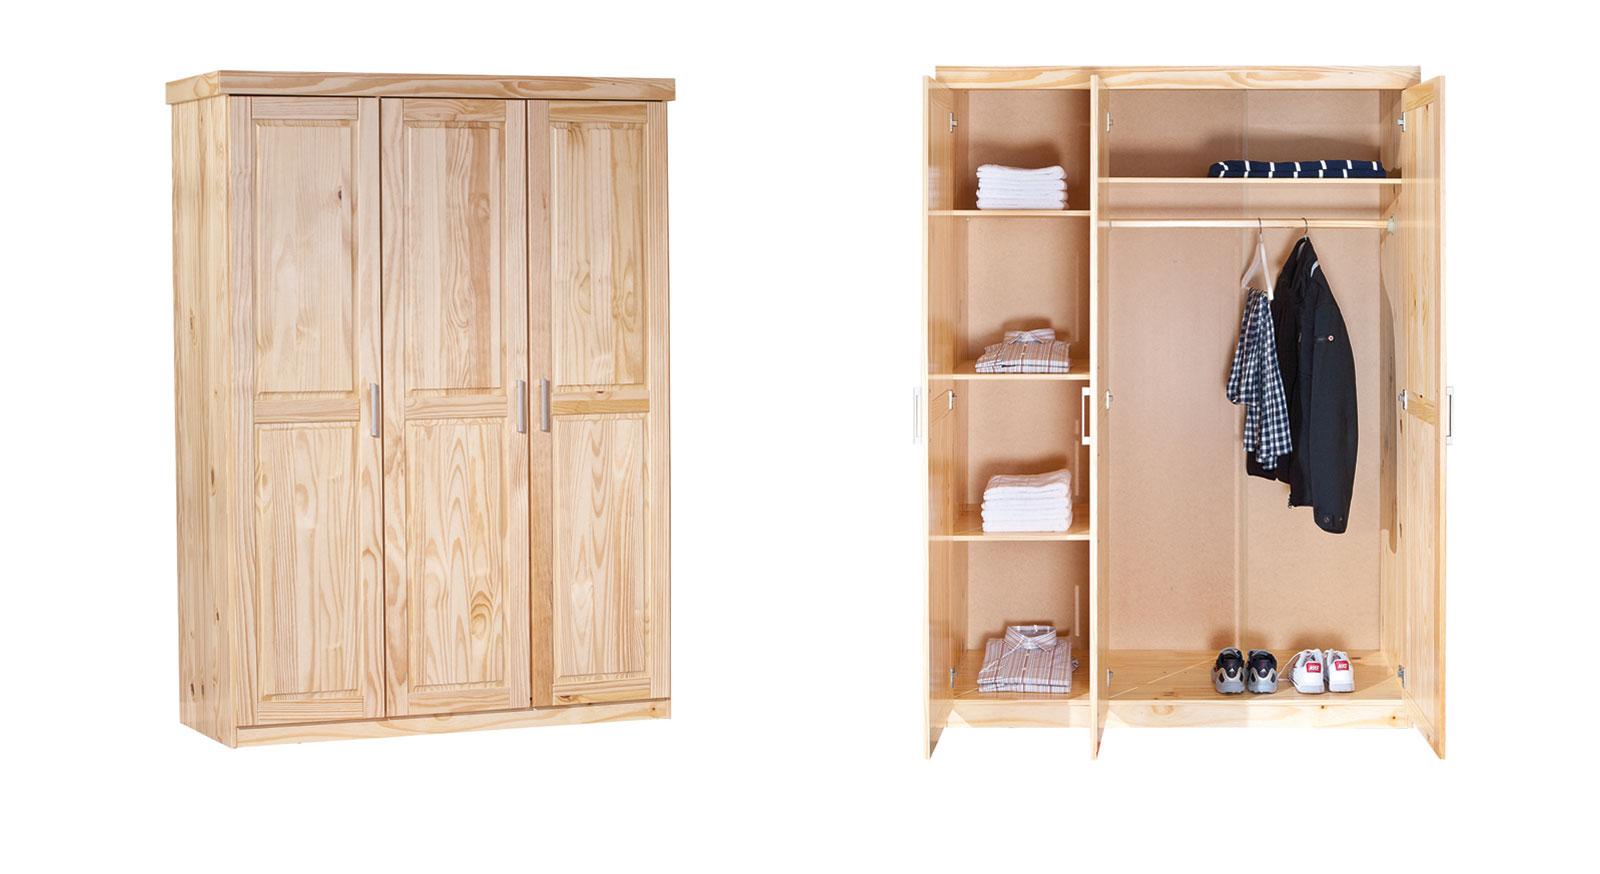 Drehtüren-Kleiderschrank aus Kiefer mit drei Türen - Graz